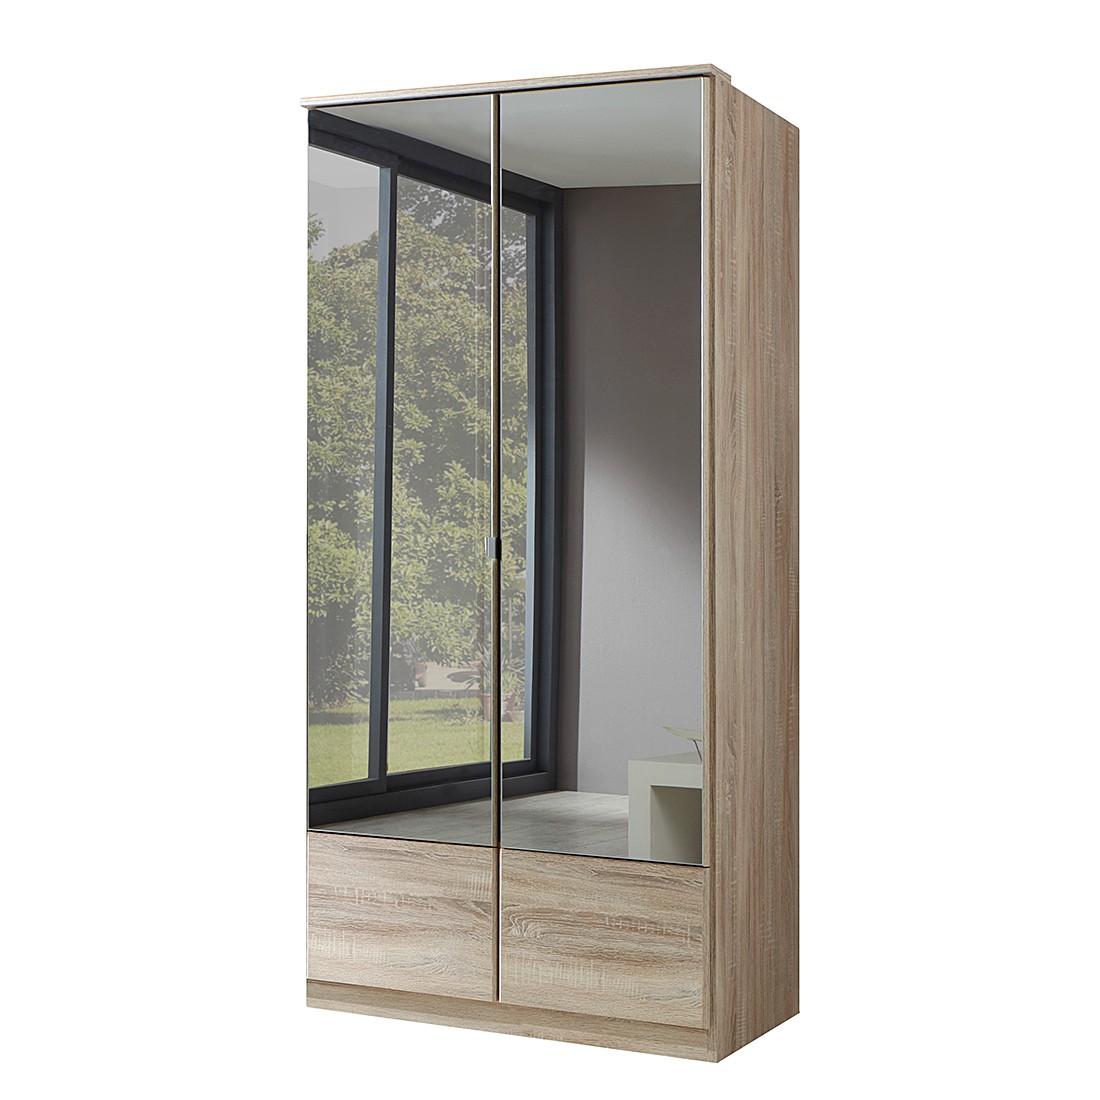 Drehtürenschrank Rajmi - Eiche Sägerau Dekor - Schrankbreite: 135 cm - 3 Spiegel